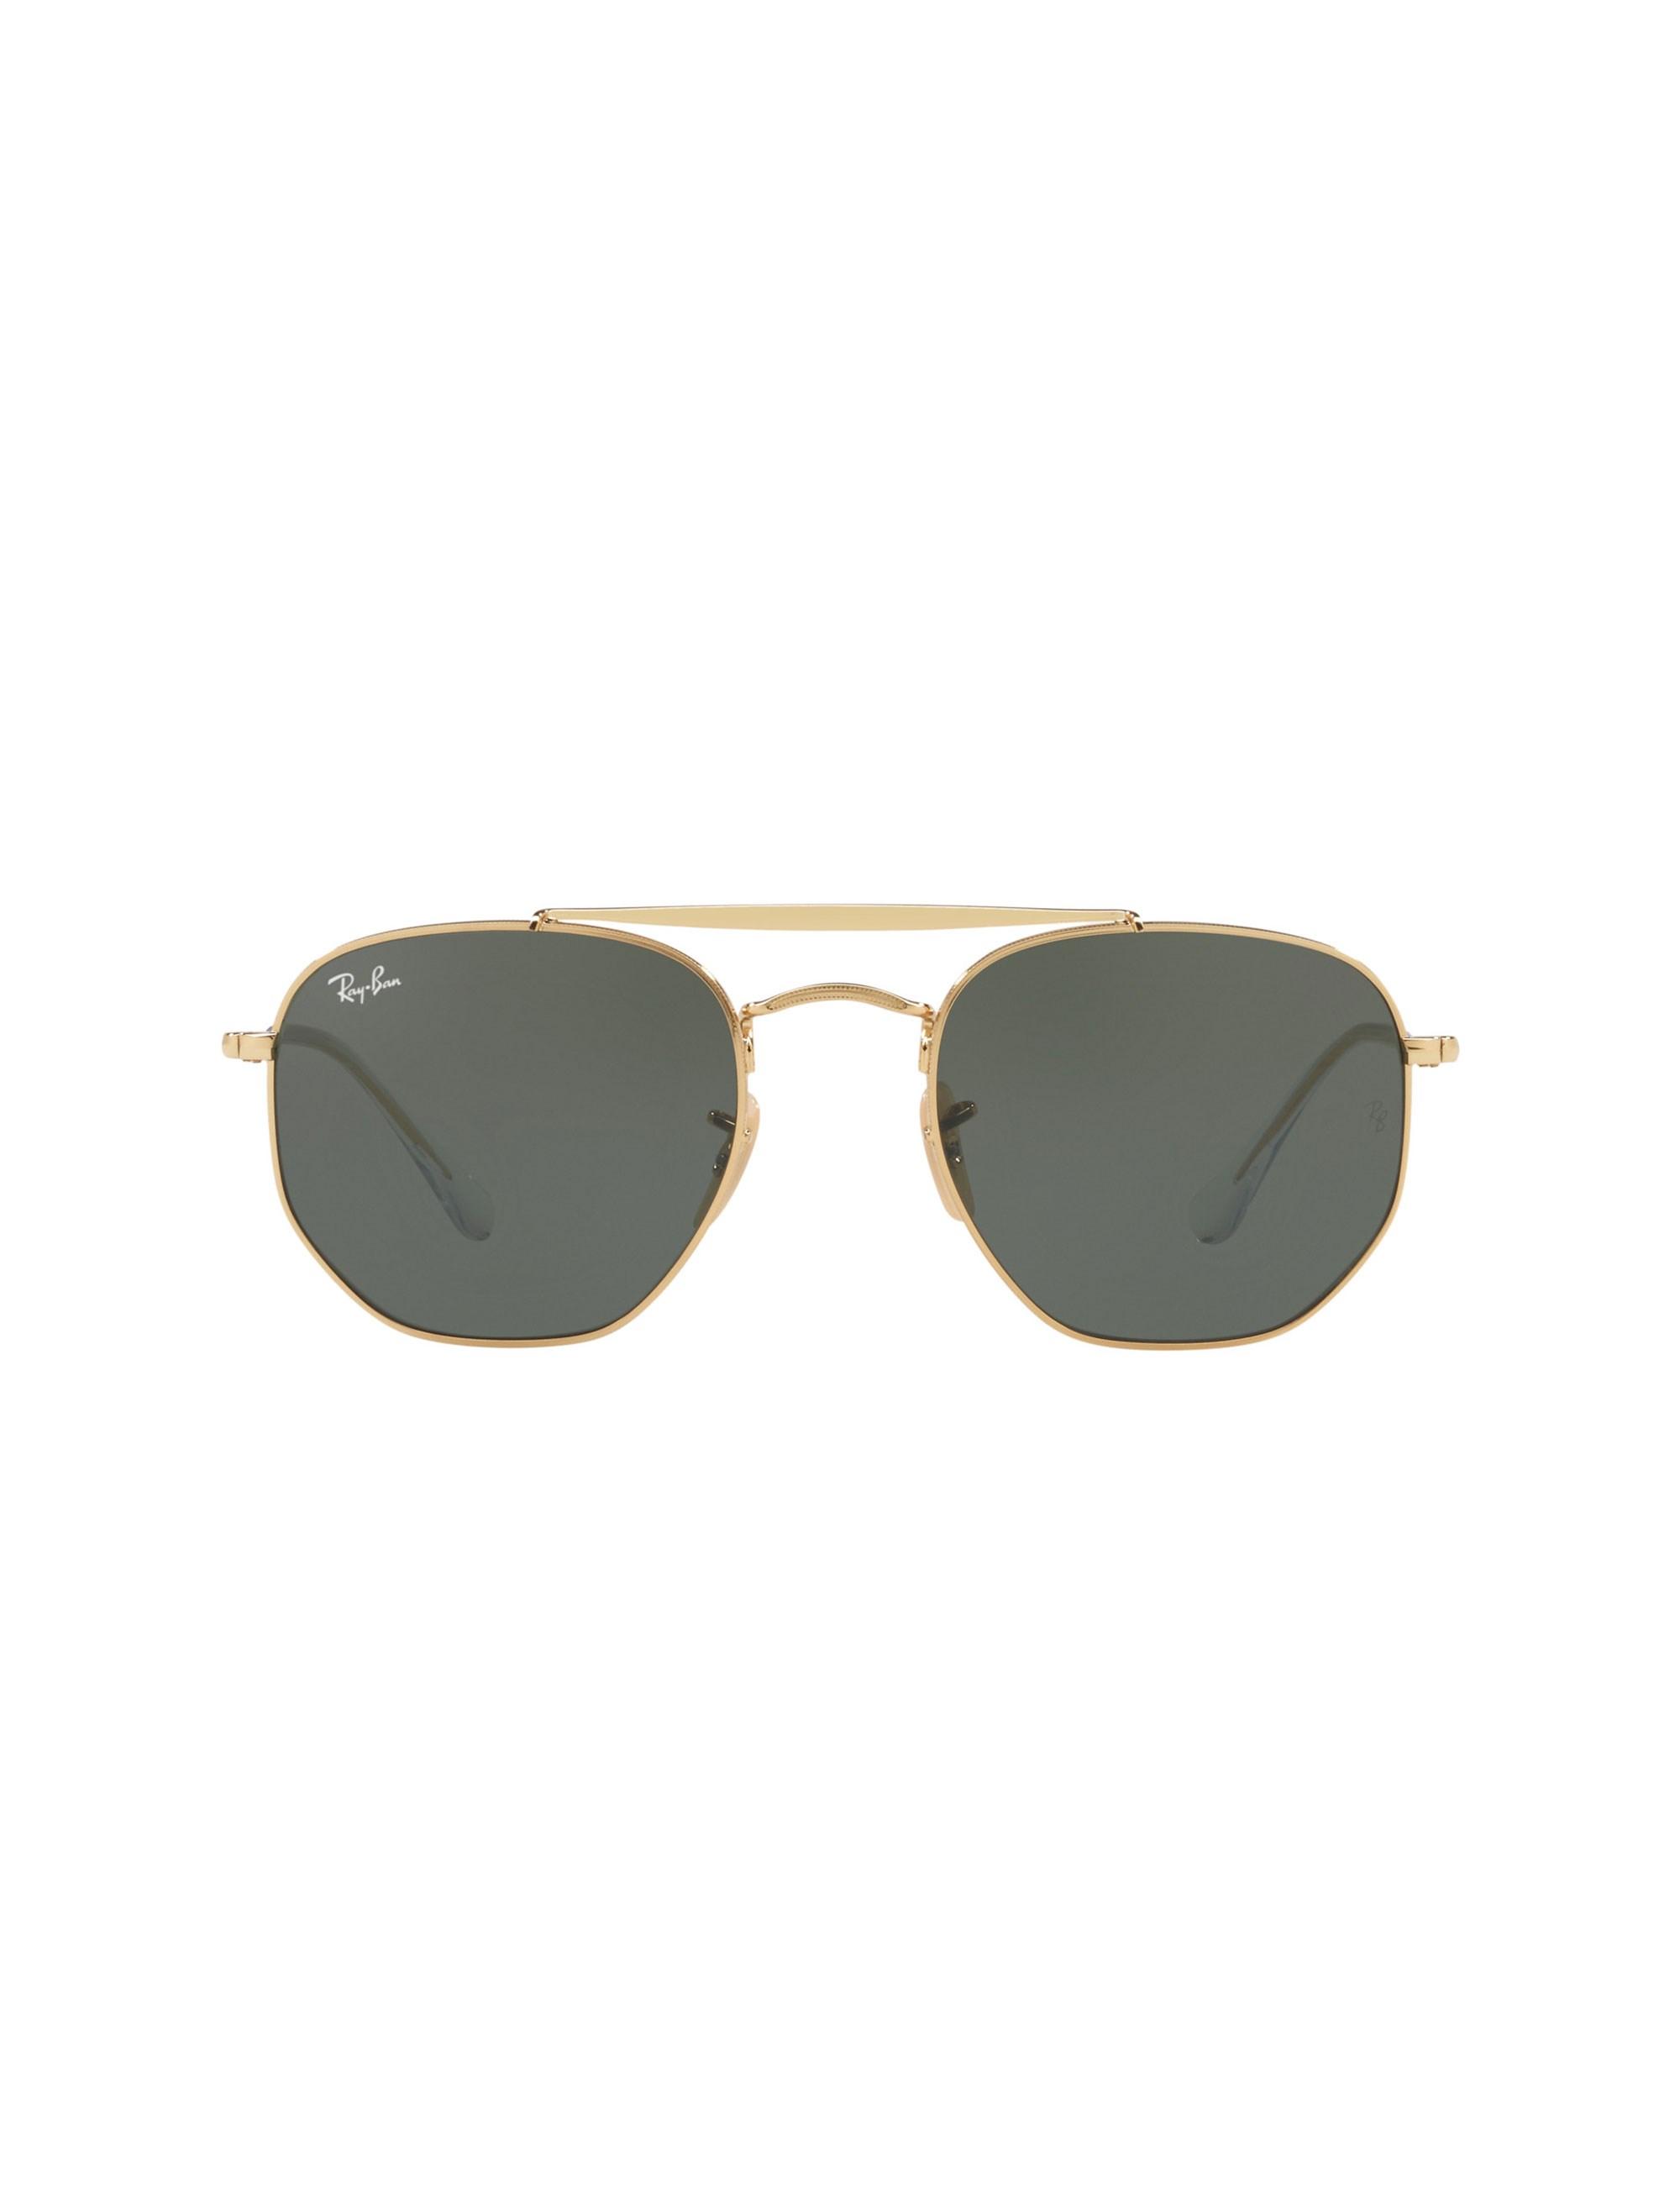 عینک آفتابی خلبانی مردانه - ری بن